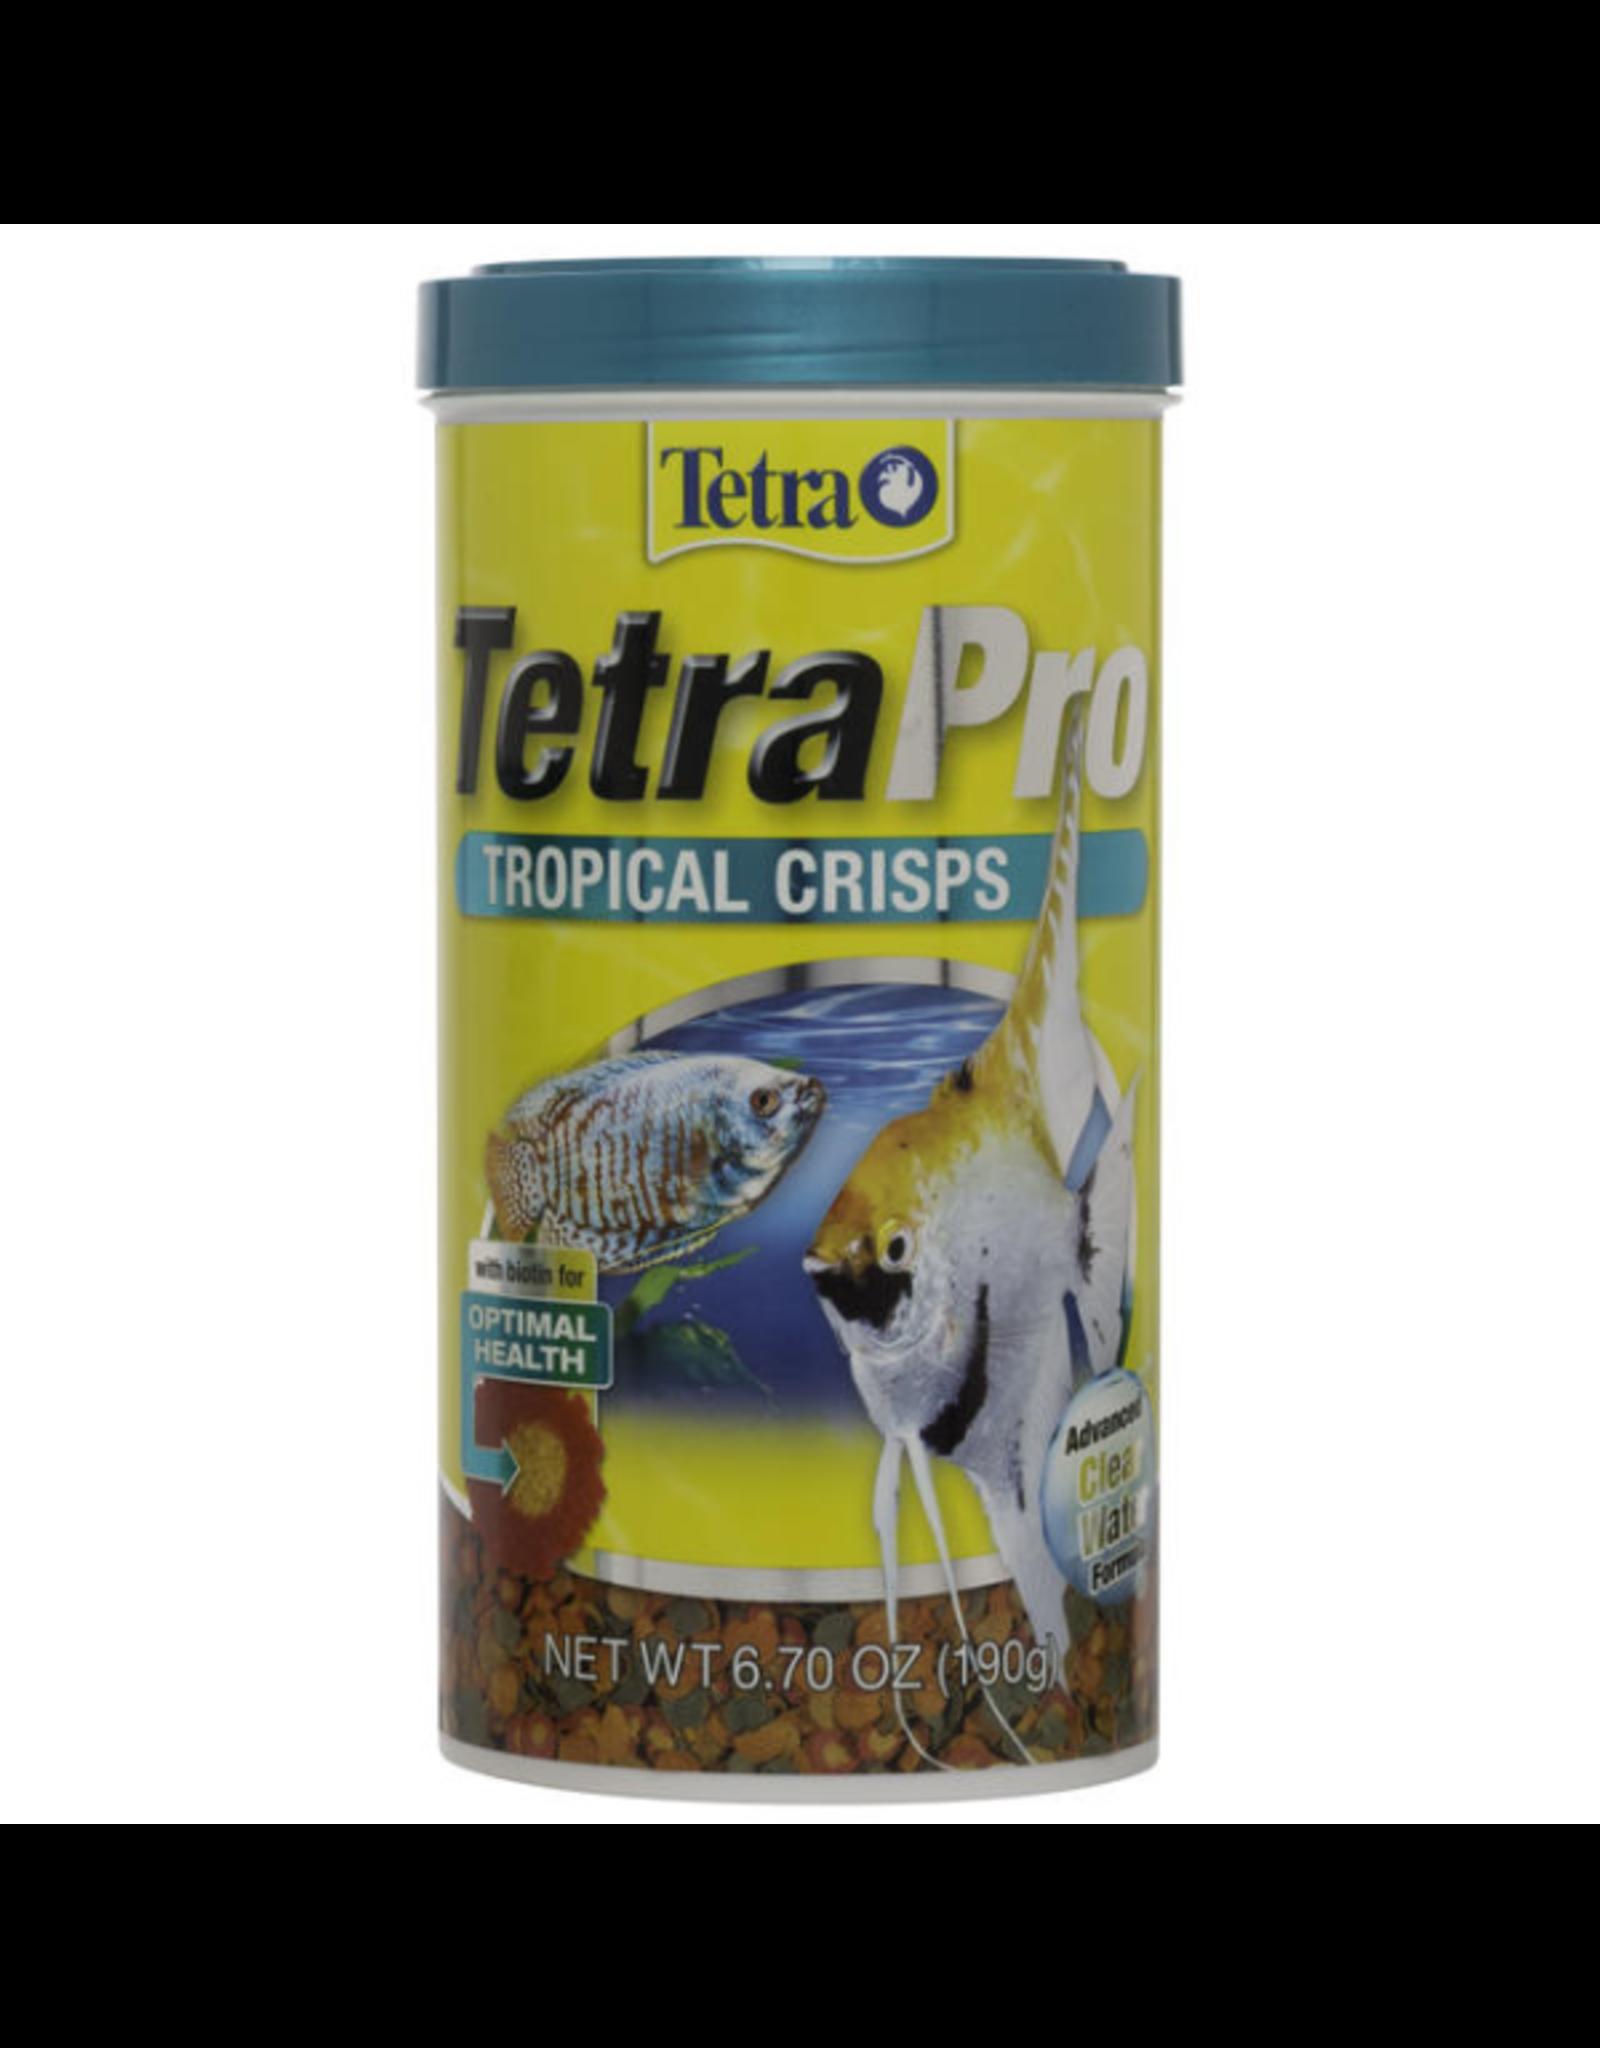 Tetra TETRAPro Tropical Crisps